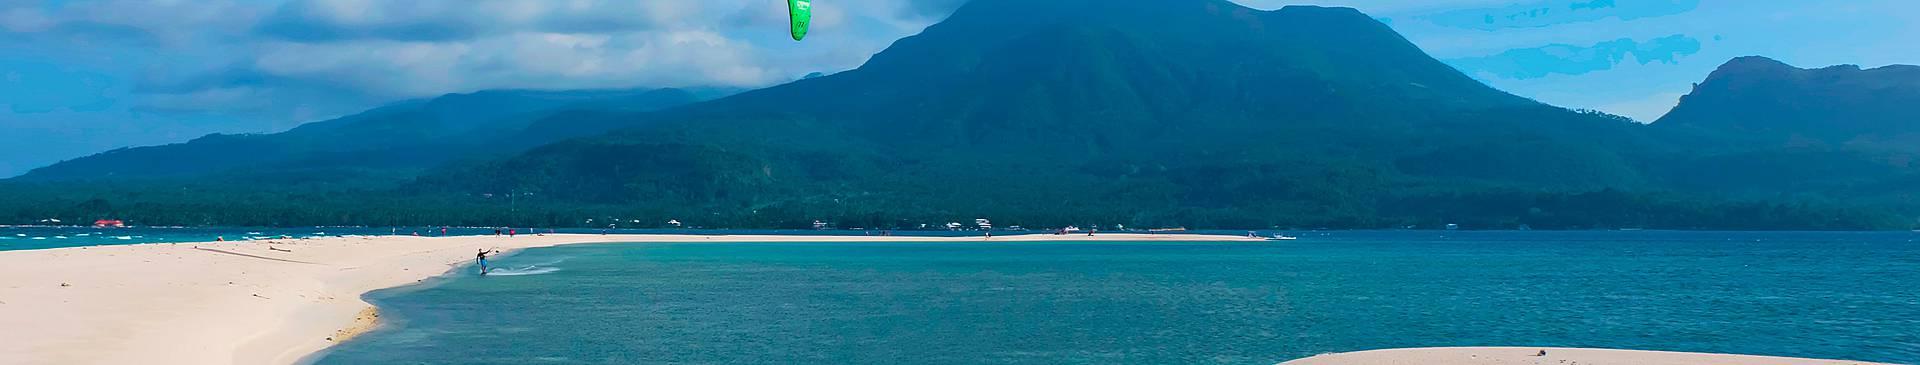 Viaggi al mare nelle Filippine